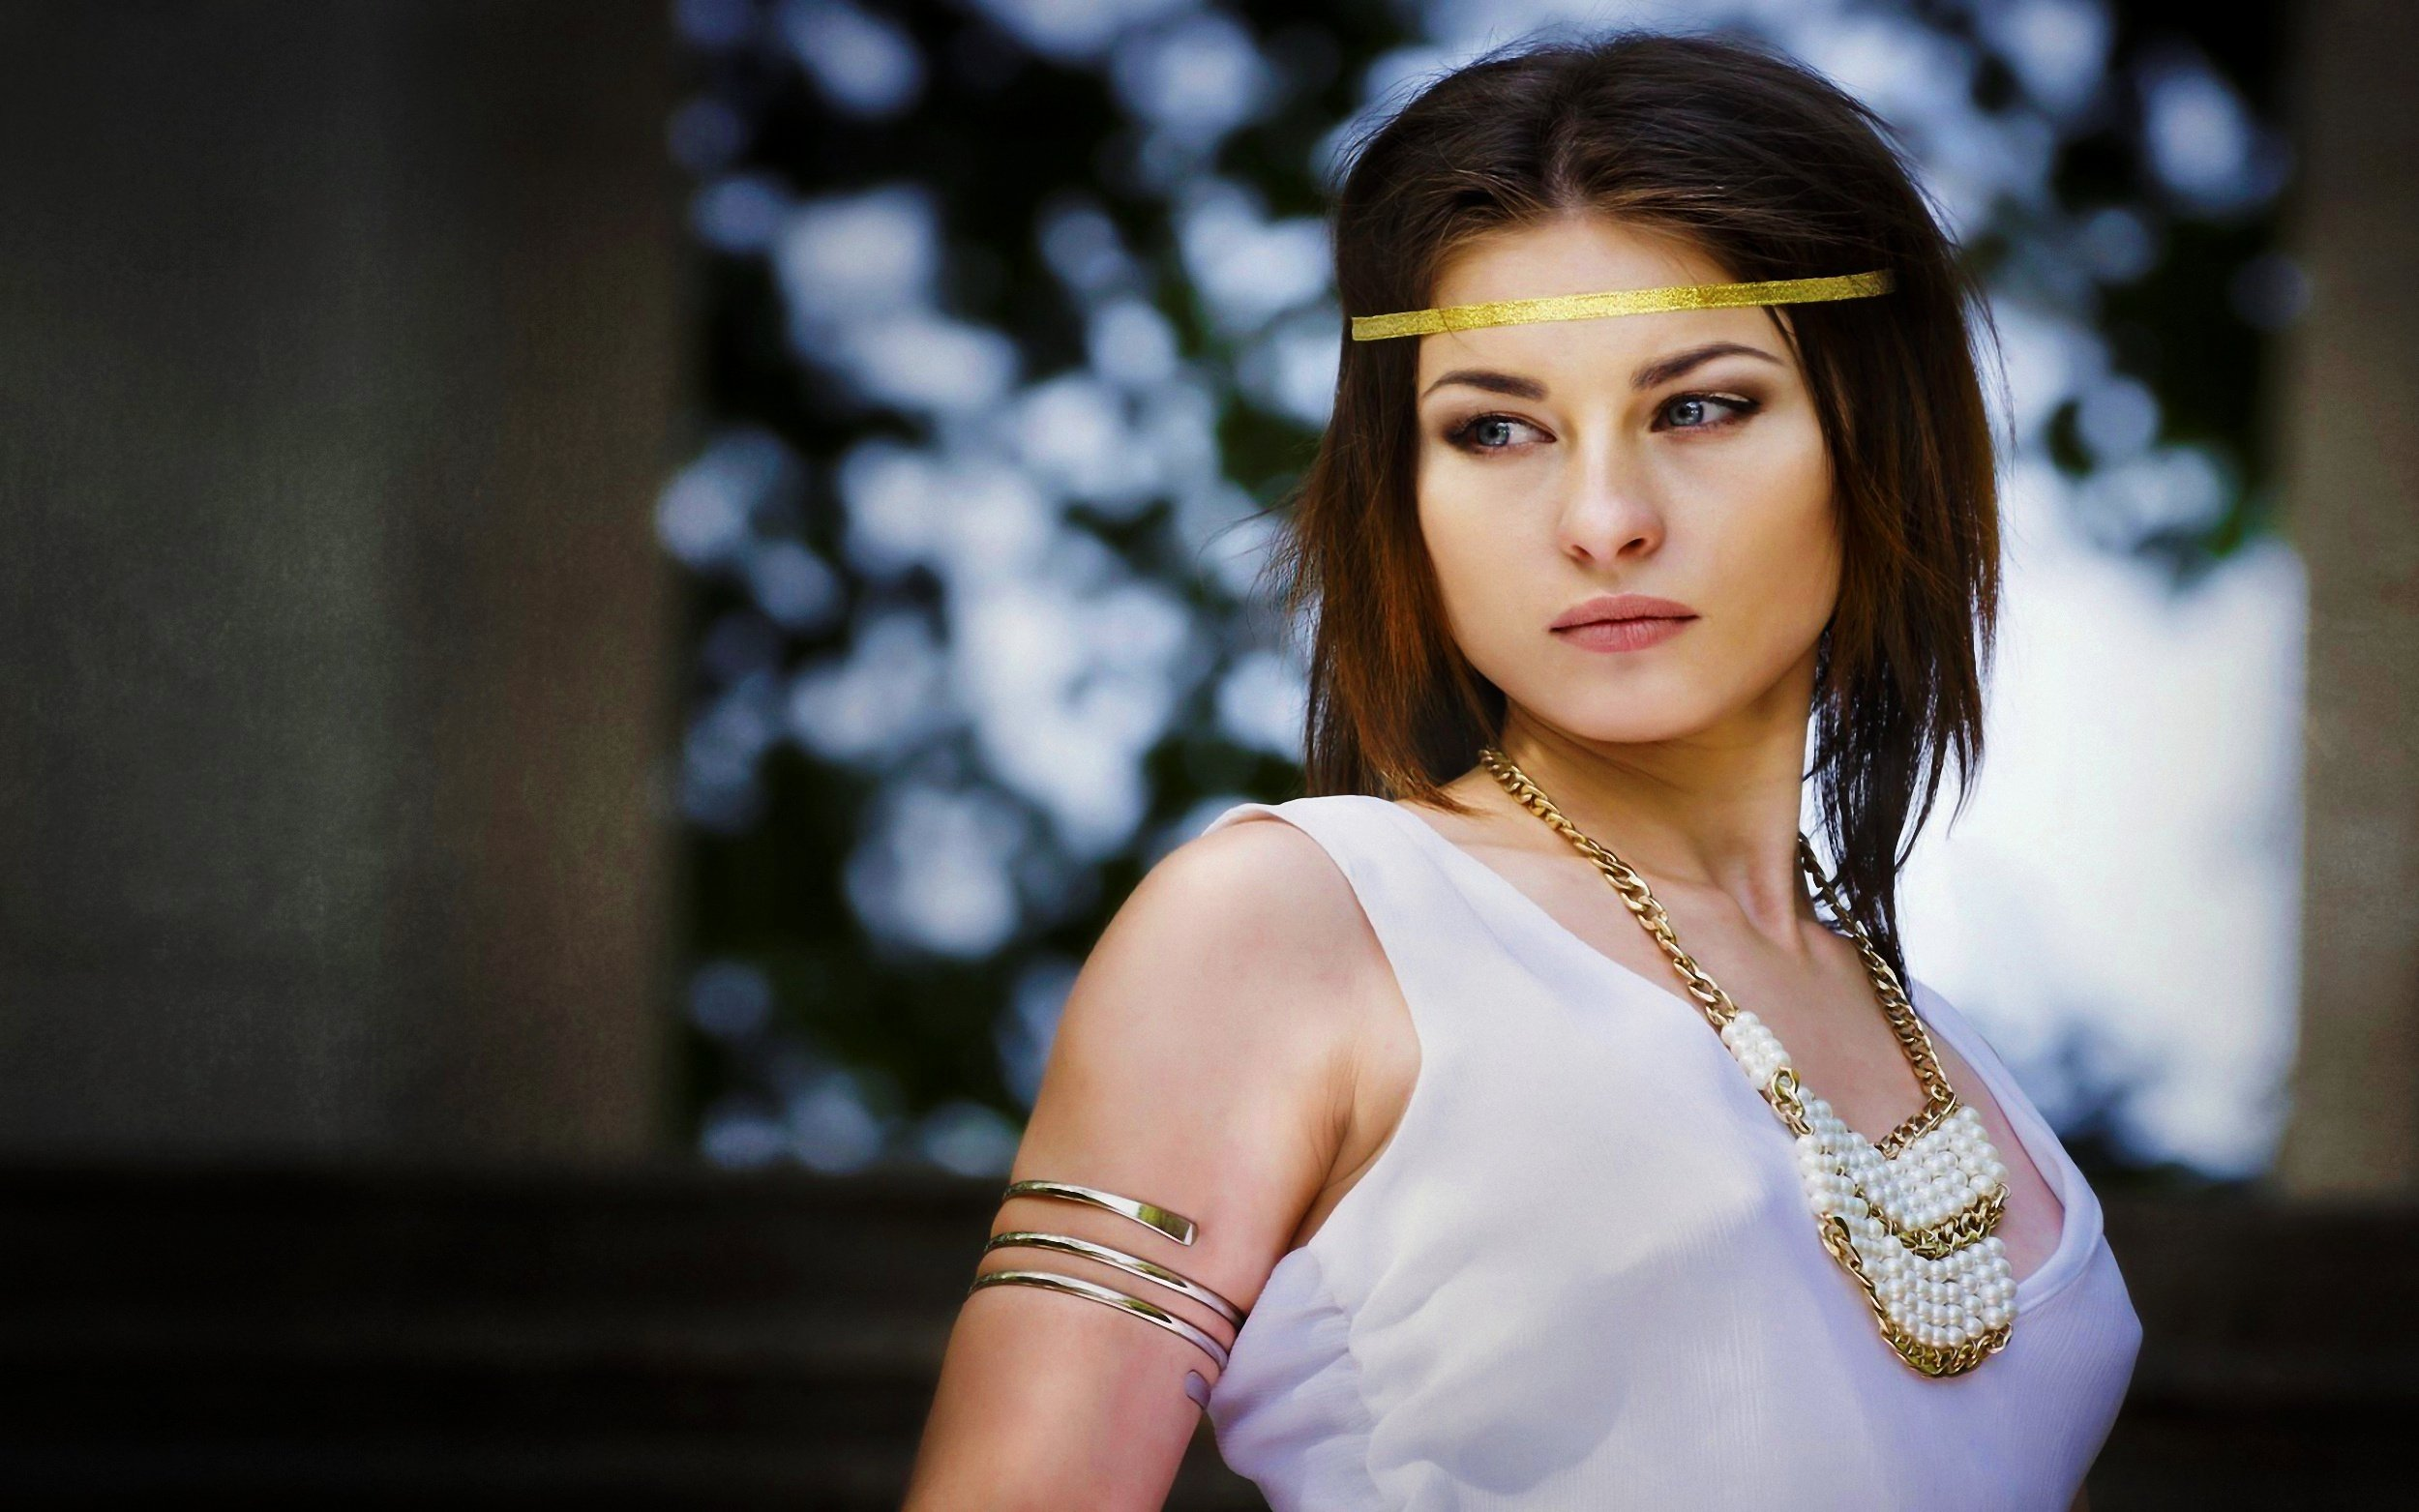 Фото девушки гречанки 25 фотография